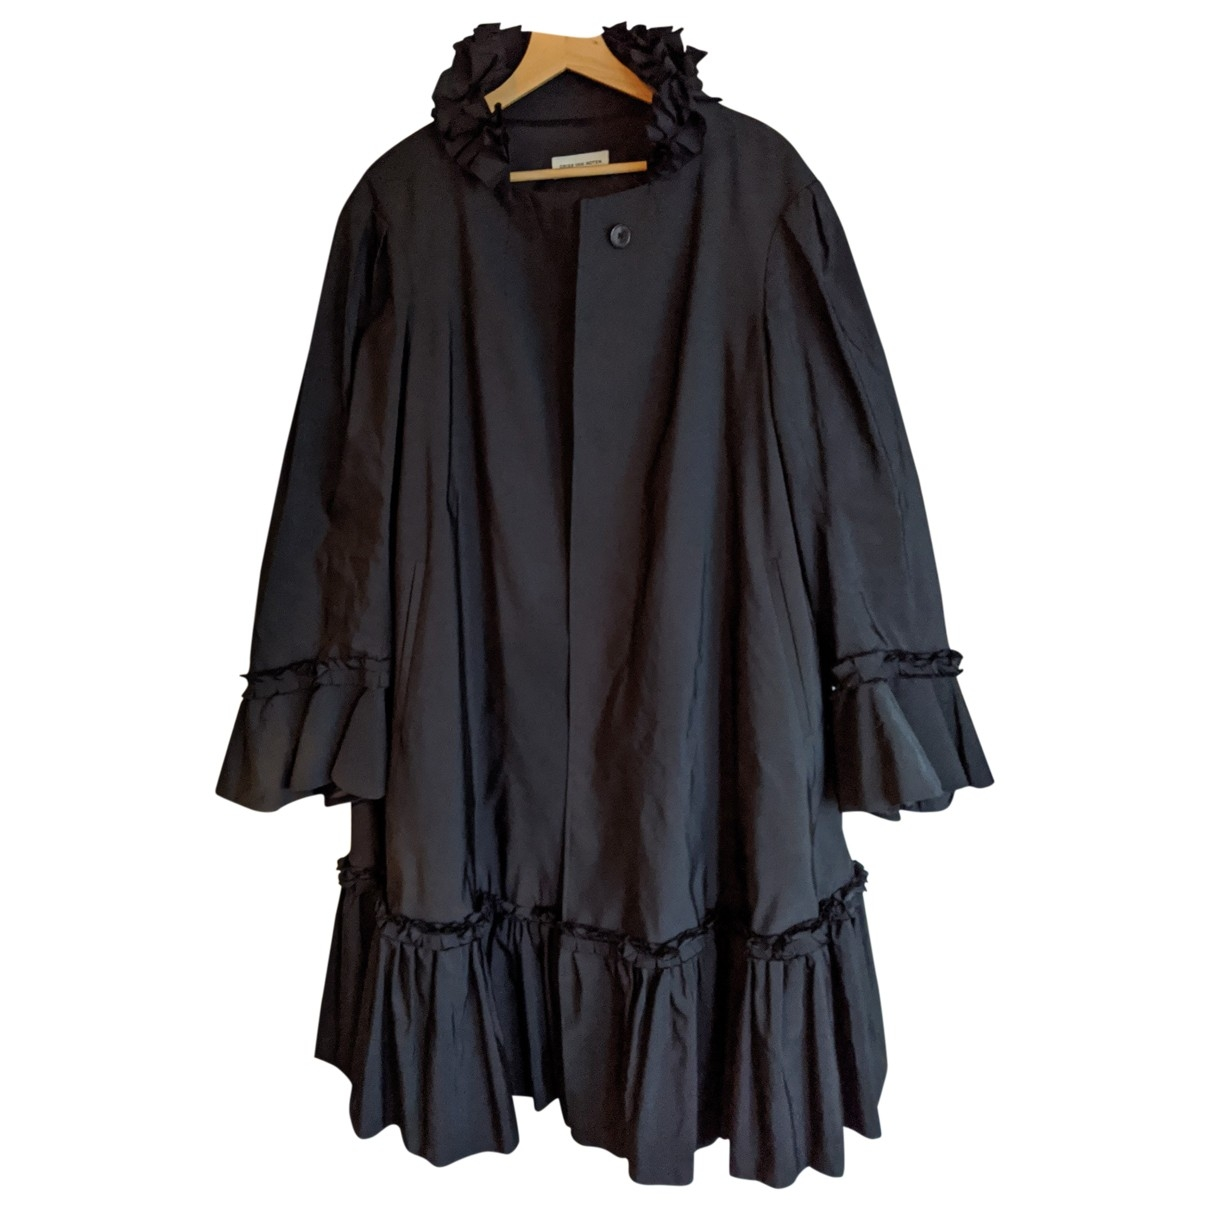 Dries Van Noten \N Black coat for Women S International